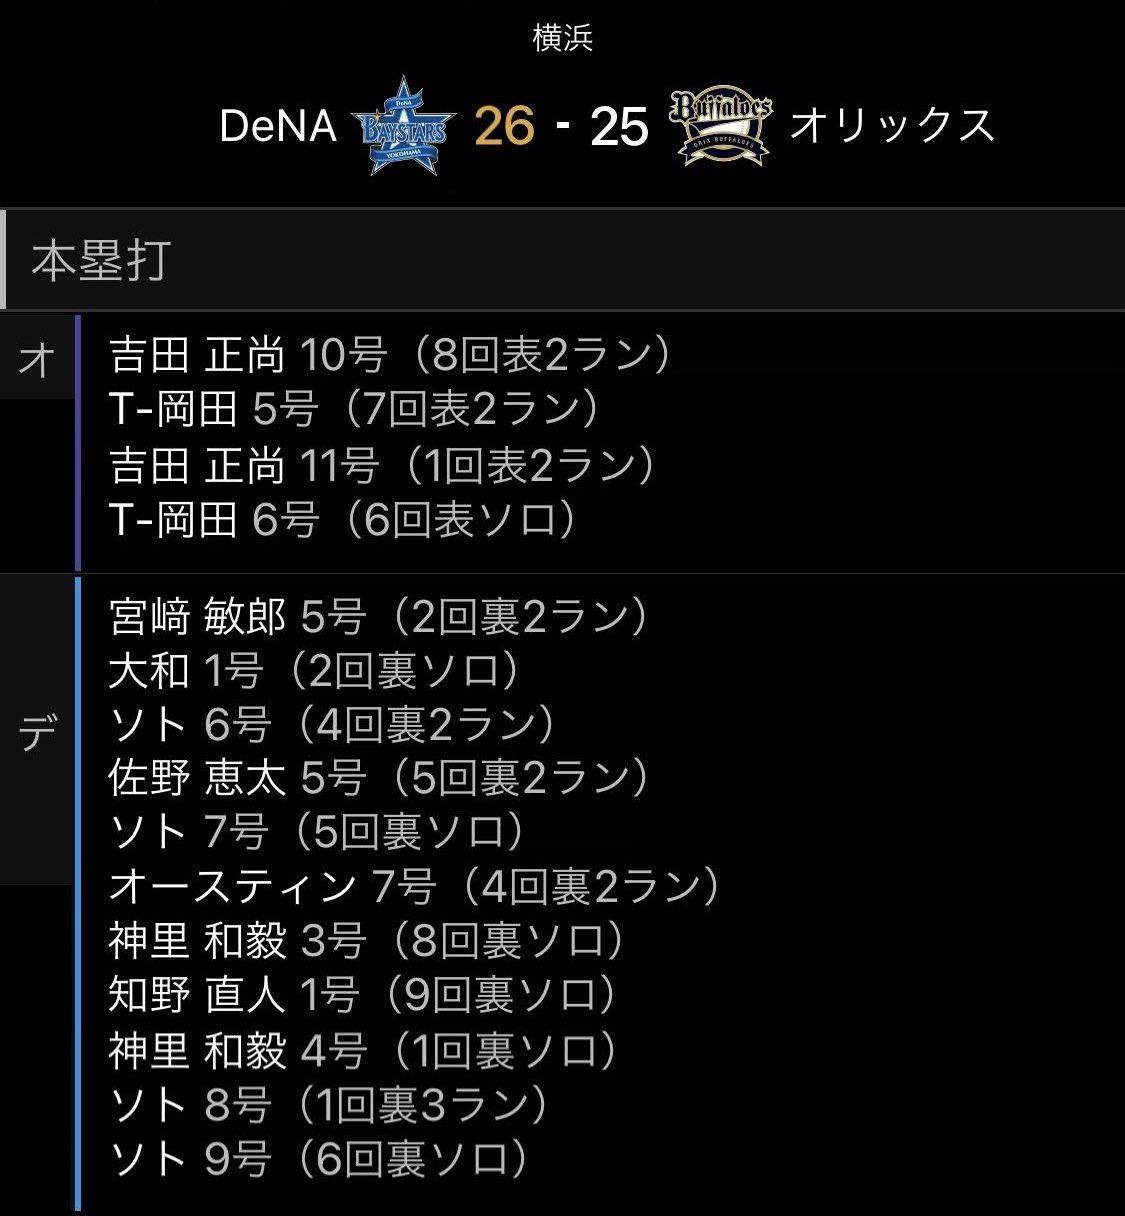 横浜-オリックス戦、3試合で76安打51得点wwwwwwwwww